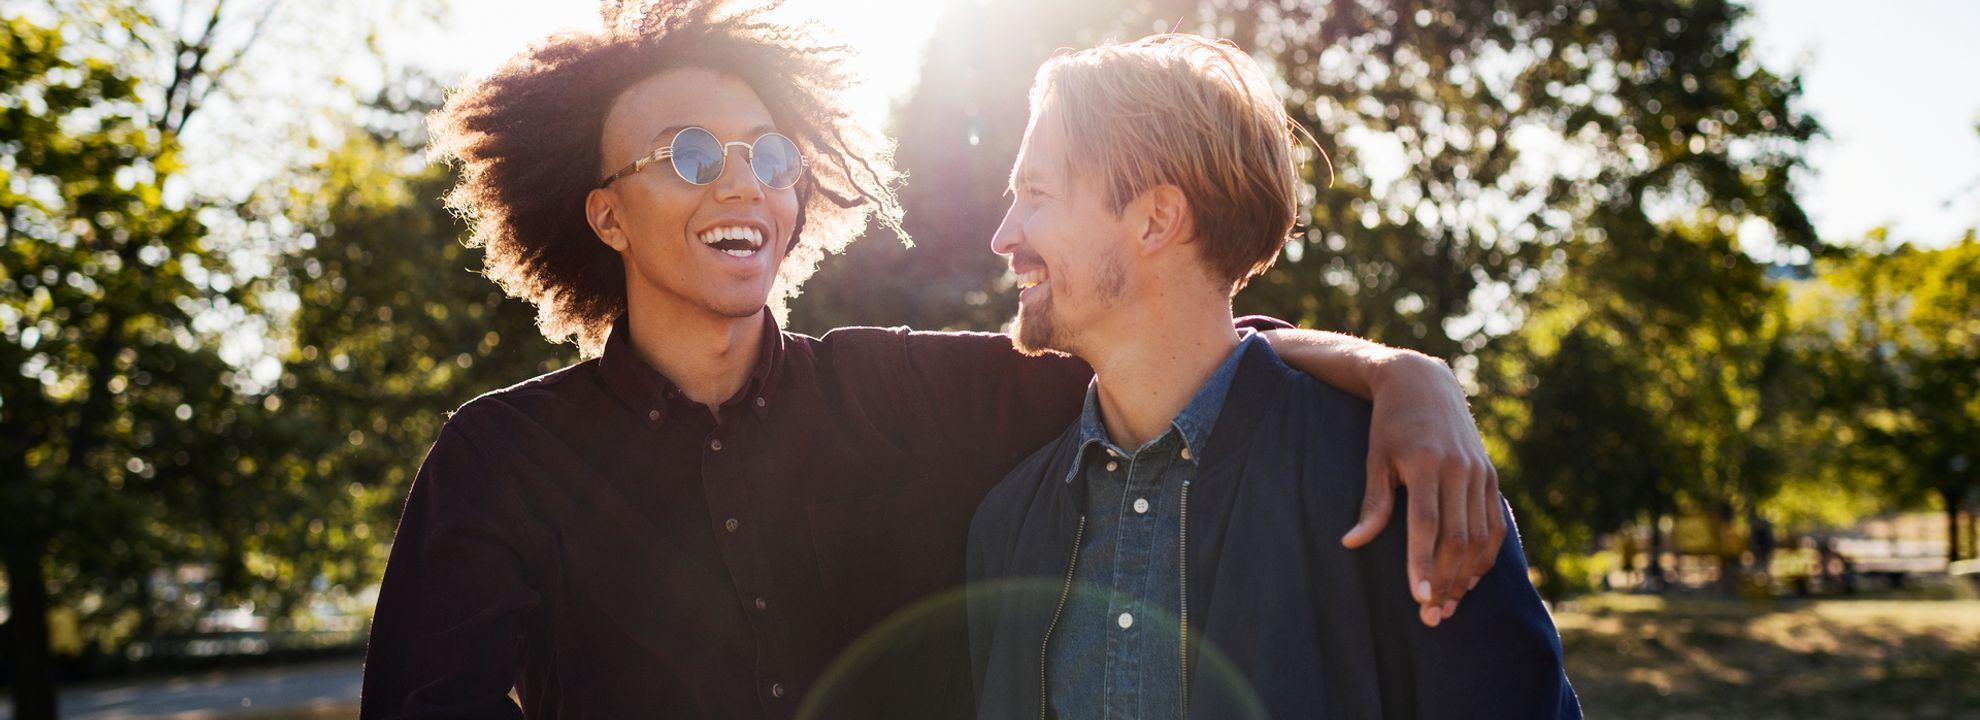 to smilende menn i en park